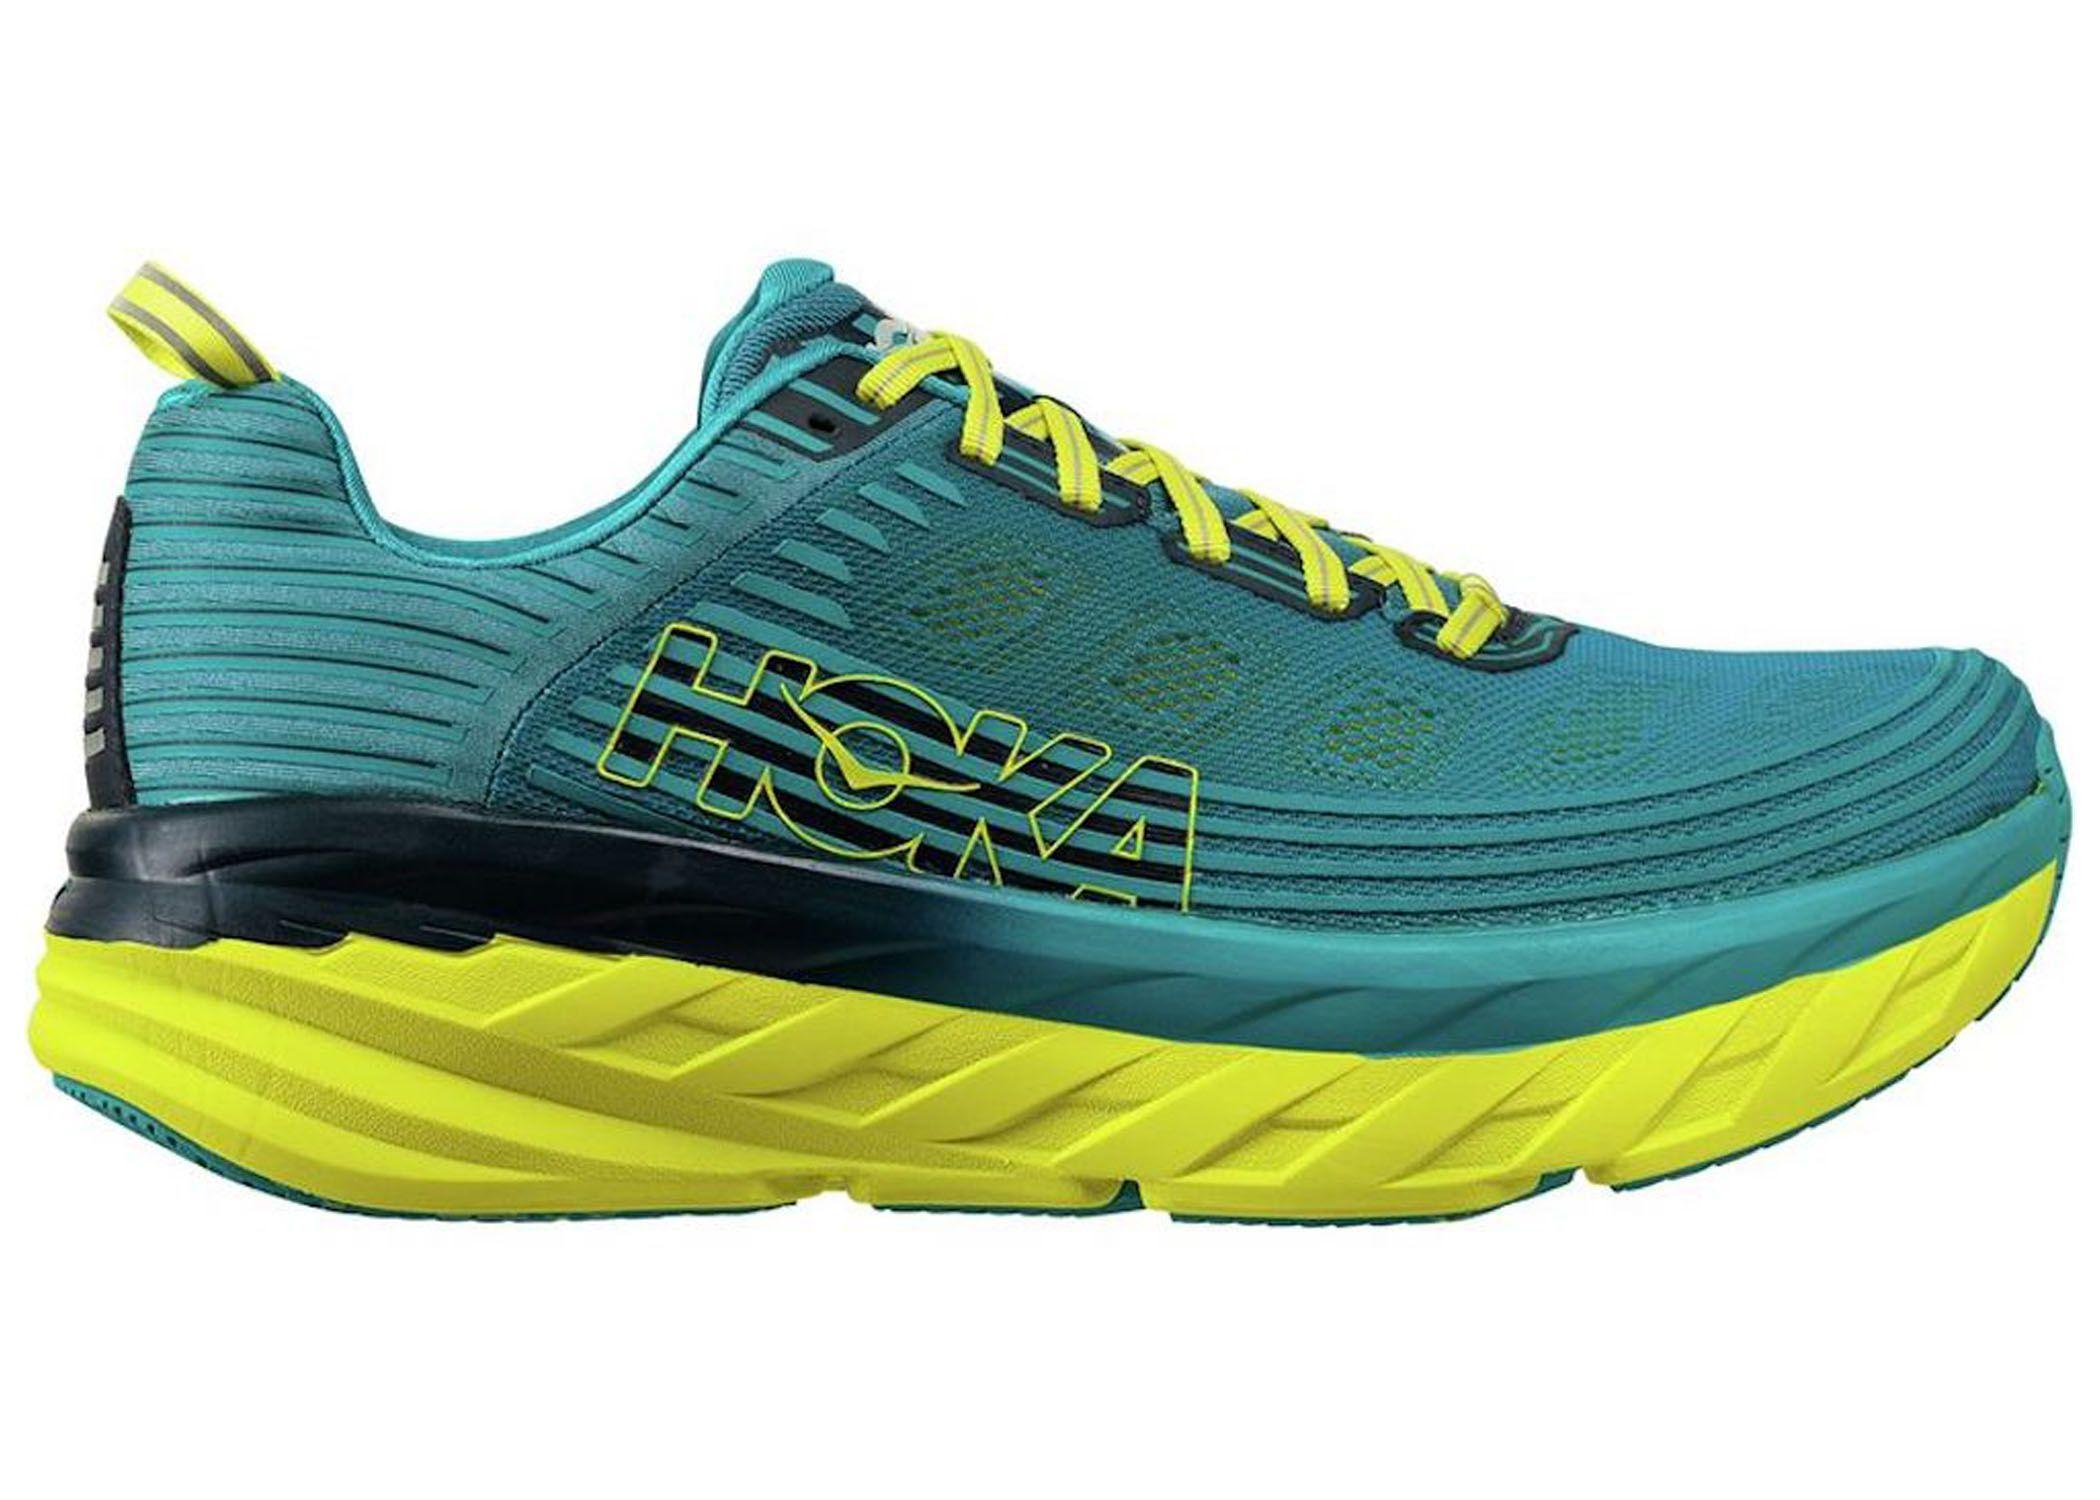 altra-run-meilleure chaussure de running pour hommes 2019-meilleure chaussure de course nike chaussure de sport-i run--hoka-baskets homme-longues distances-excellente chaussure-marathon-runnning-achat best-seller-adidass-nike-sport-légères-Reebok-newblance-guide-lepape